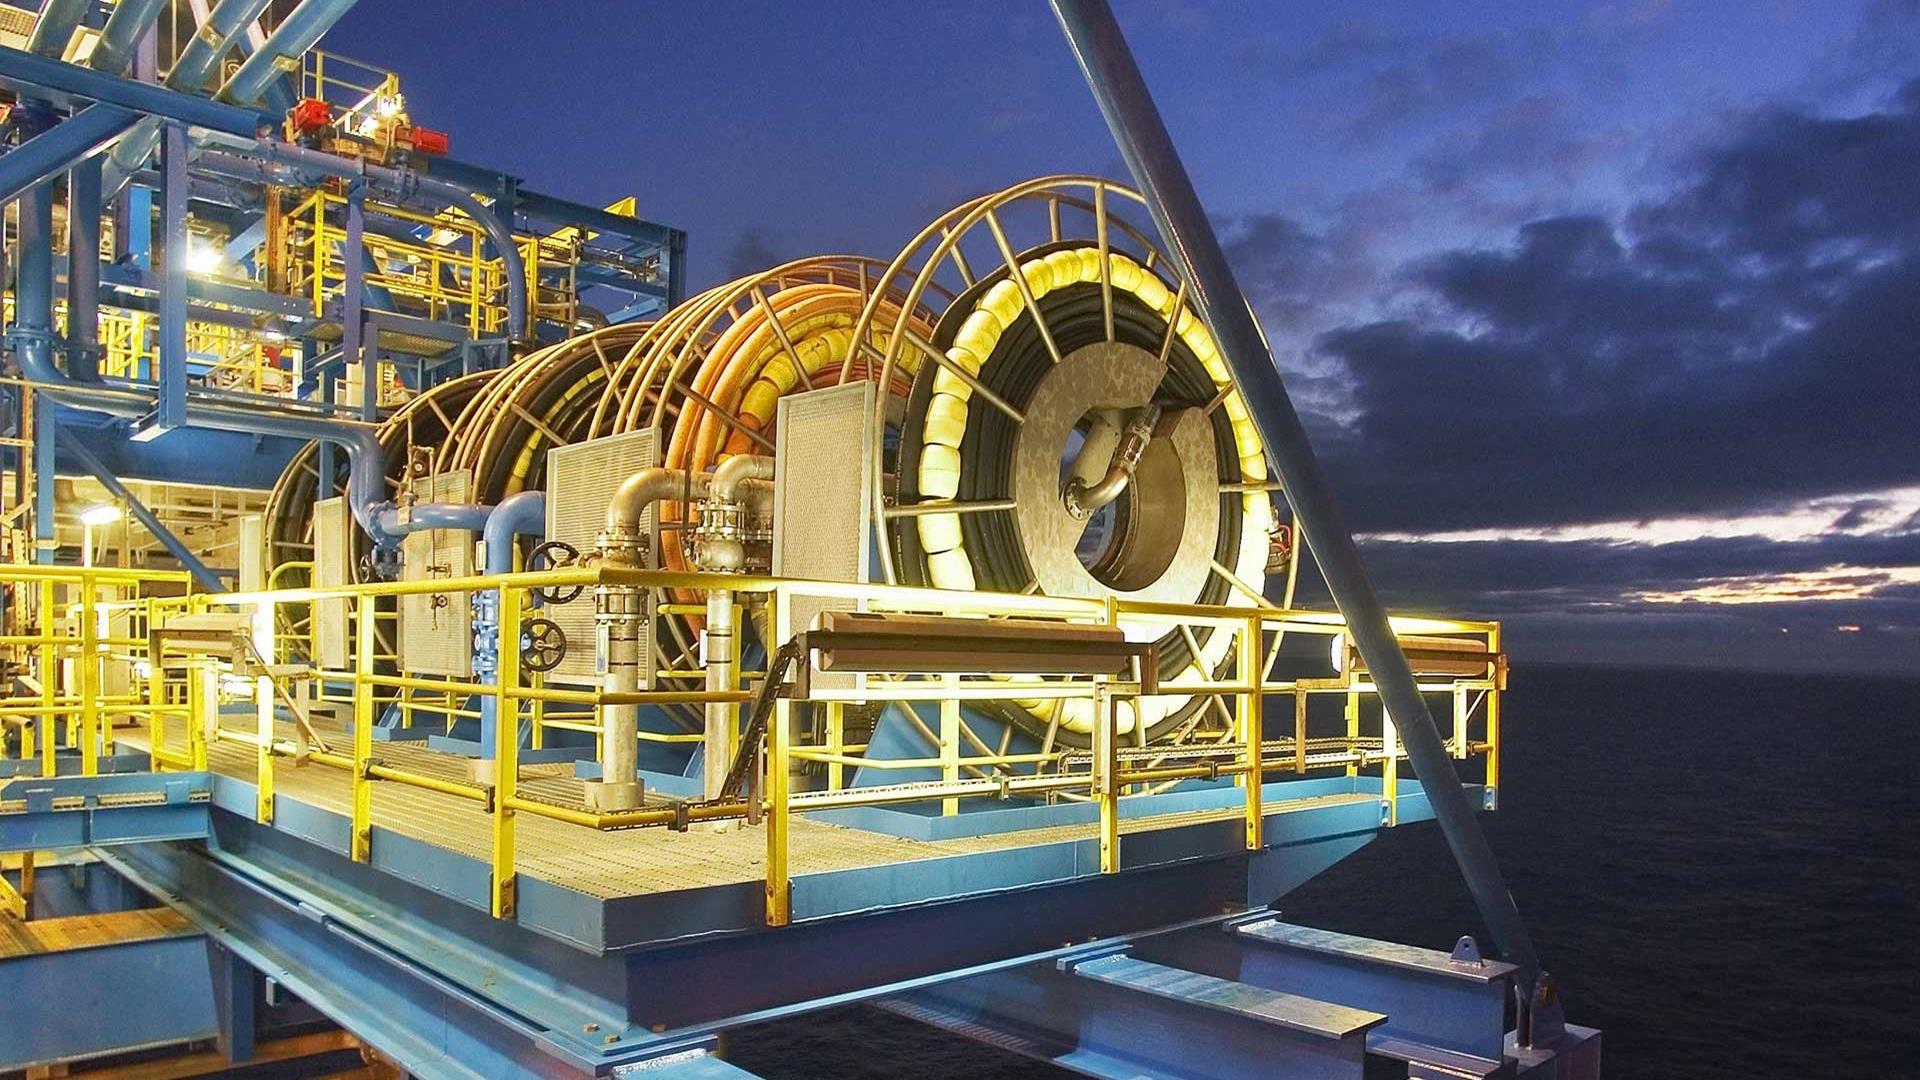 Offshore hose reels and hose loading station on drilling platform